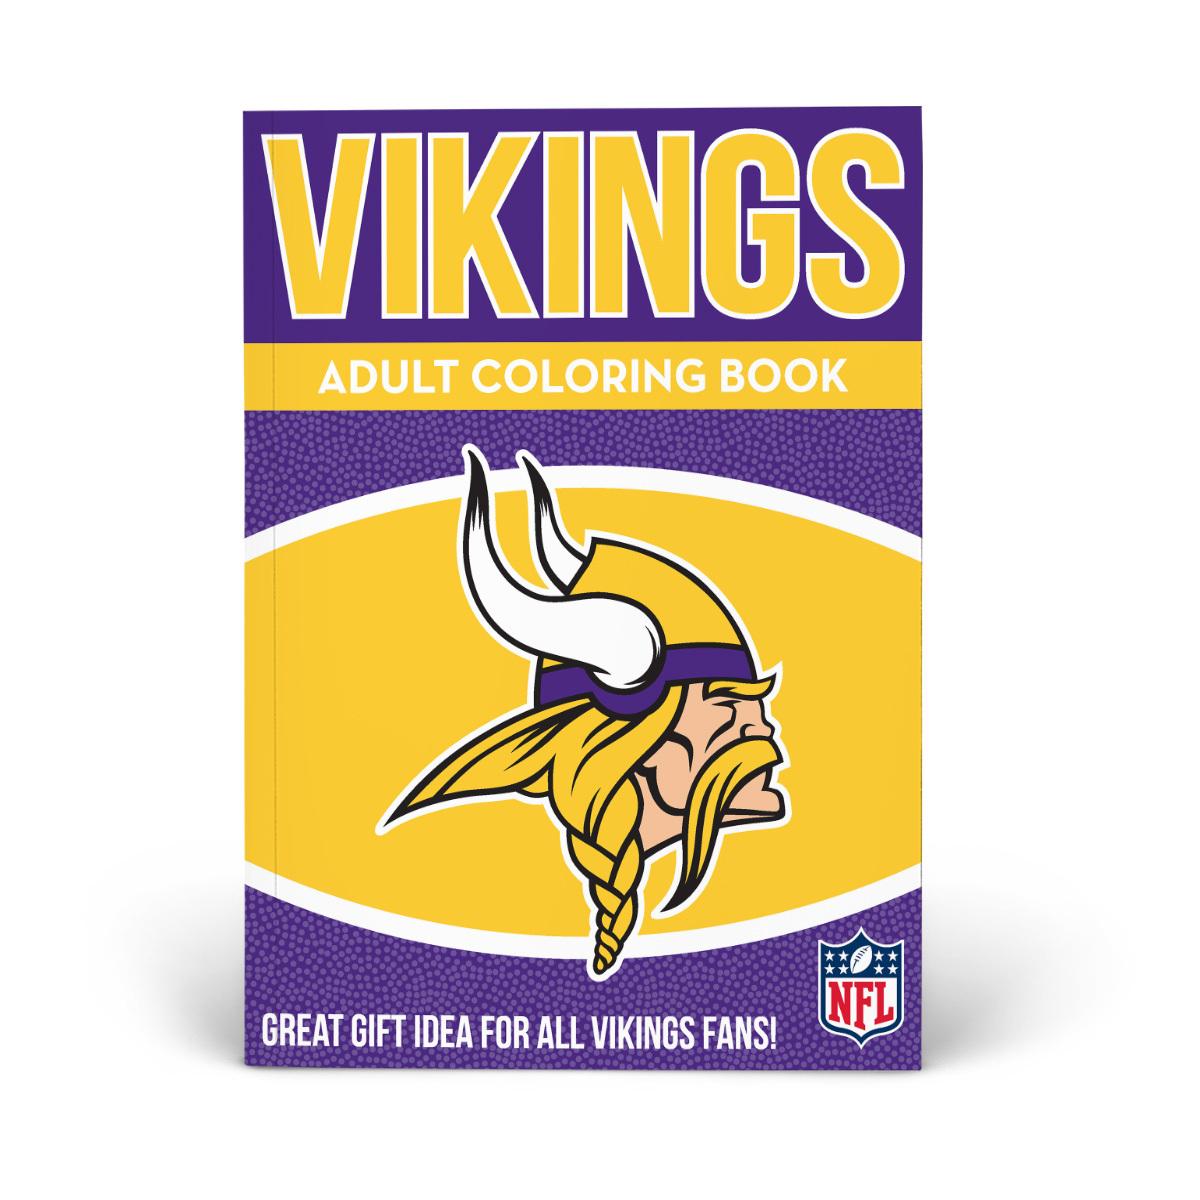 Minnesota Vikings Adult Coloring Book